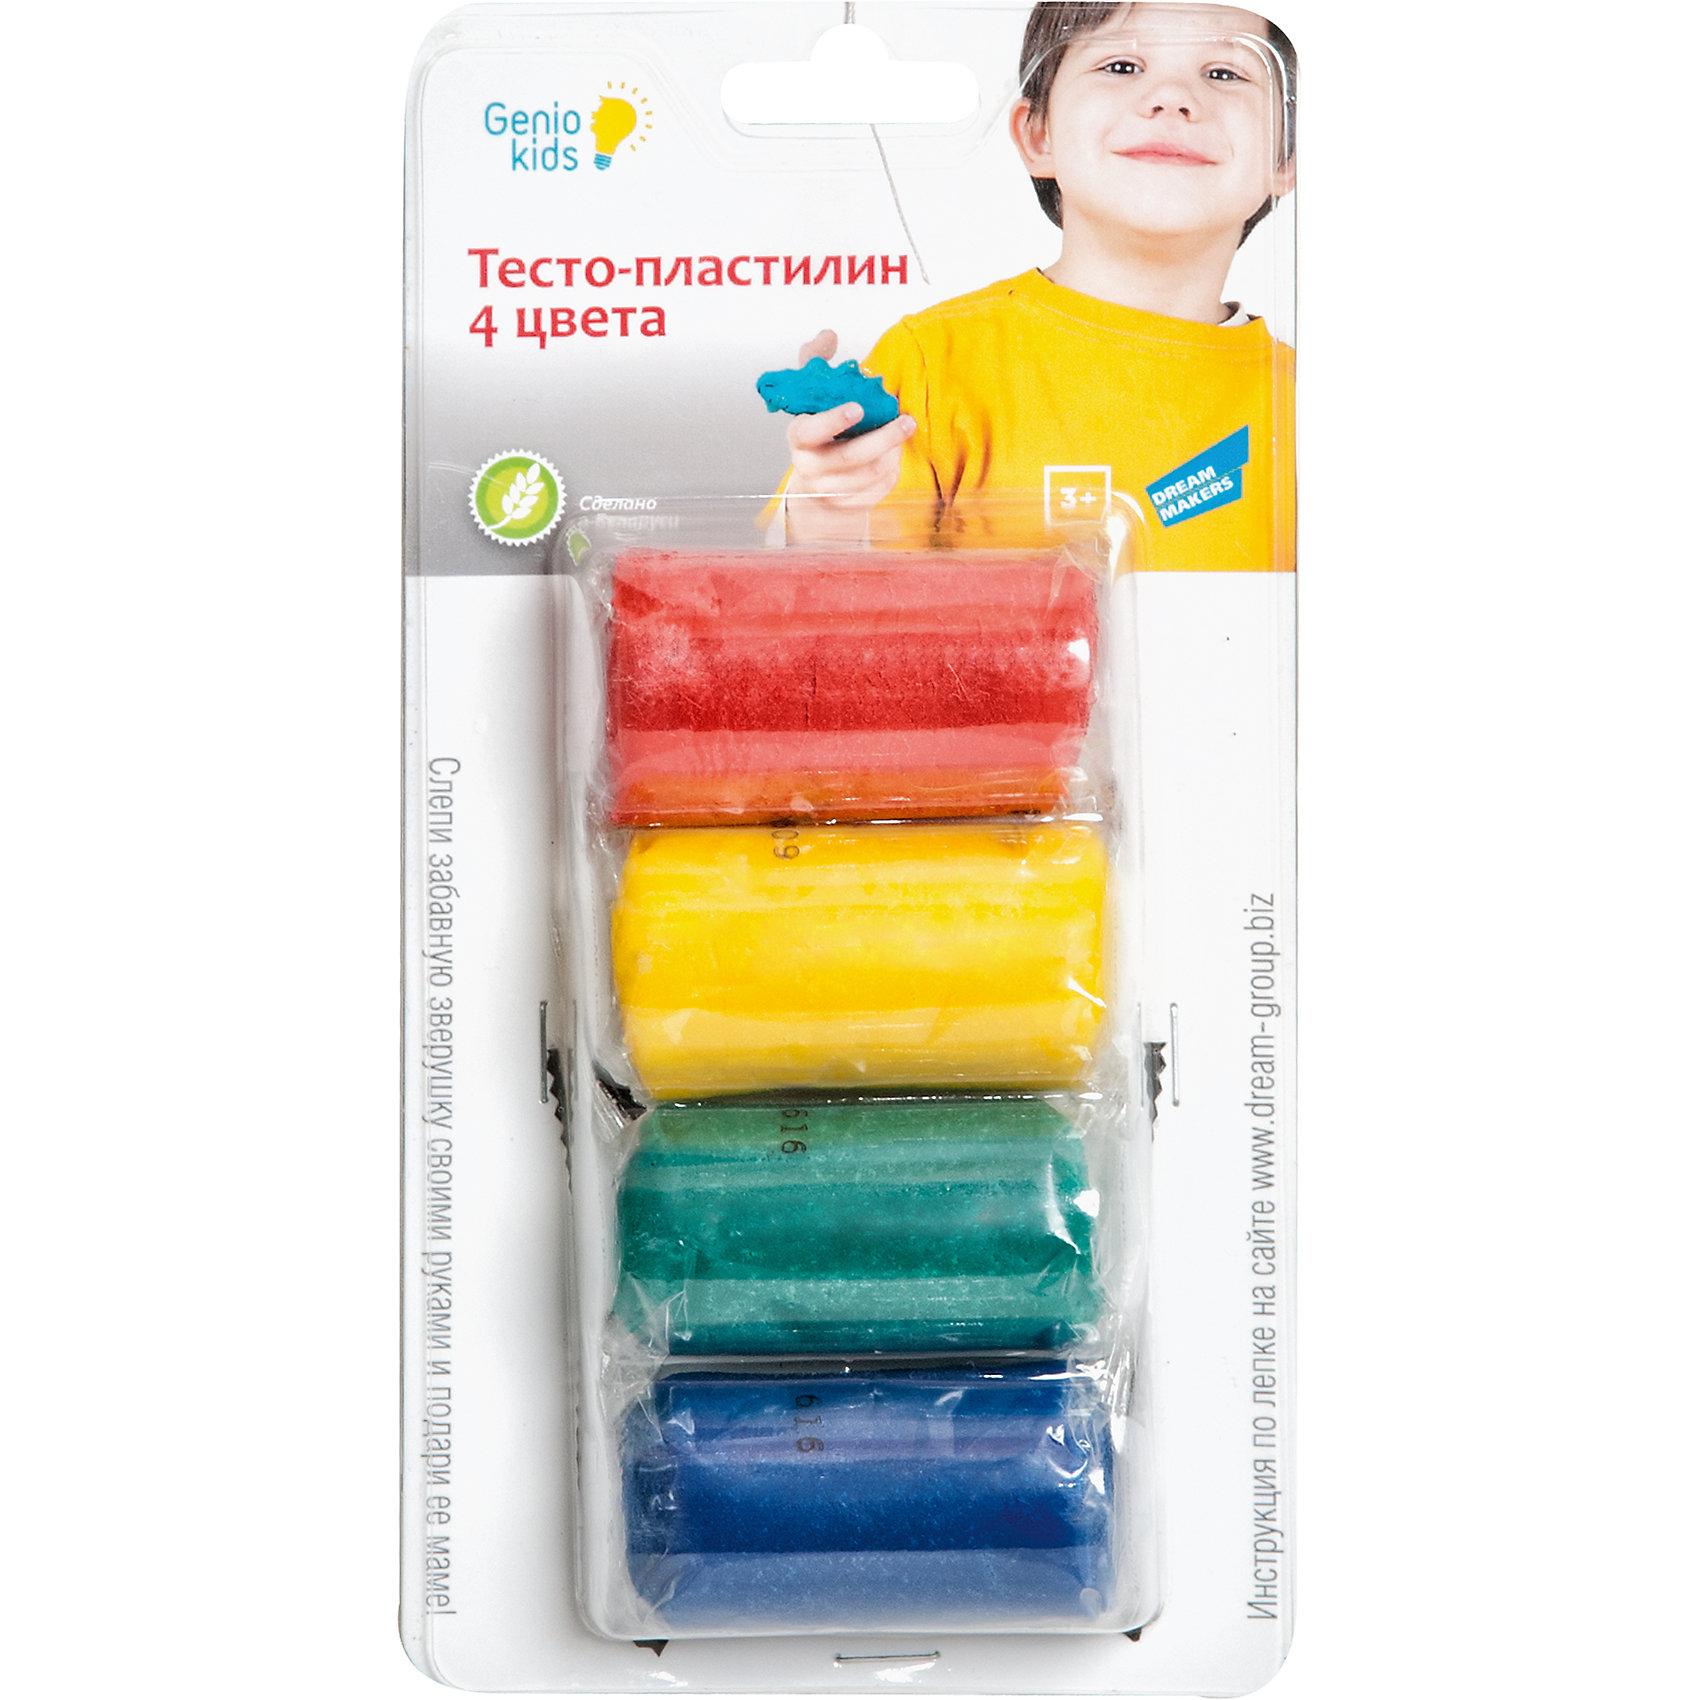 """Genio Kids Набор для детского творчества Тесто-пластилин, 4 цвета genio kids набор для детского творчества """"шкатулка"""""""